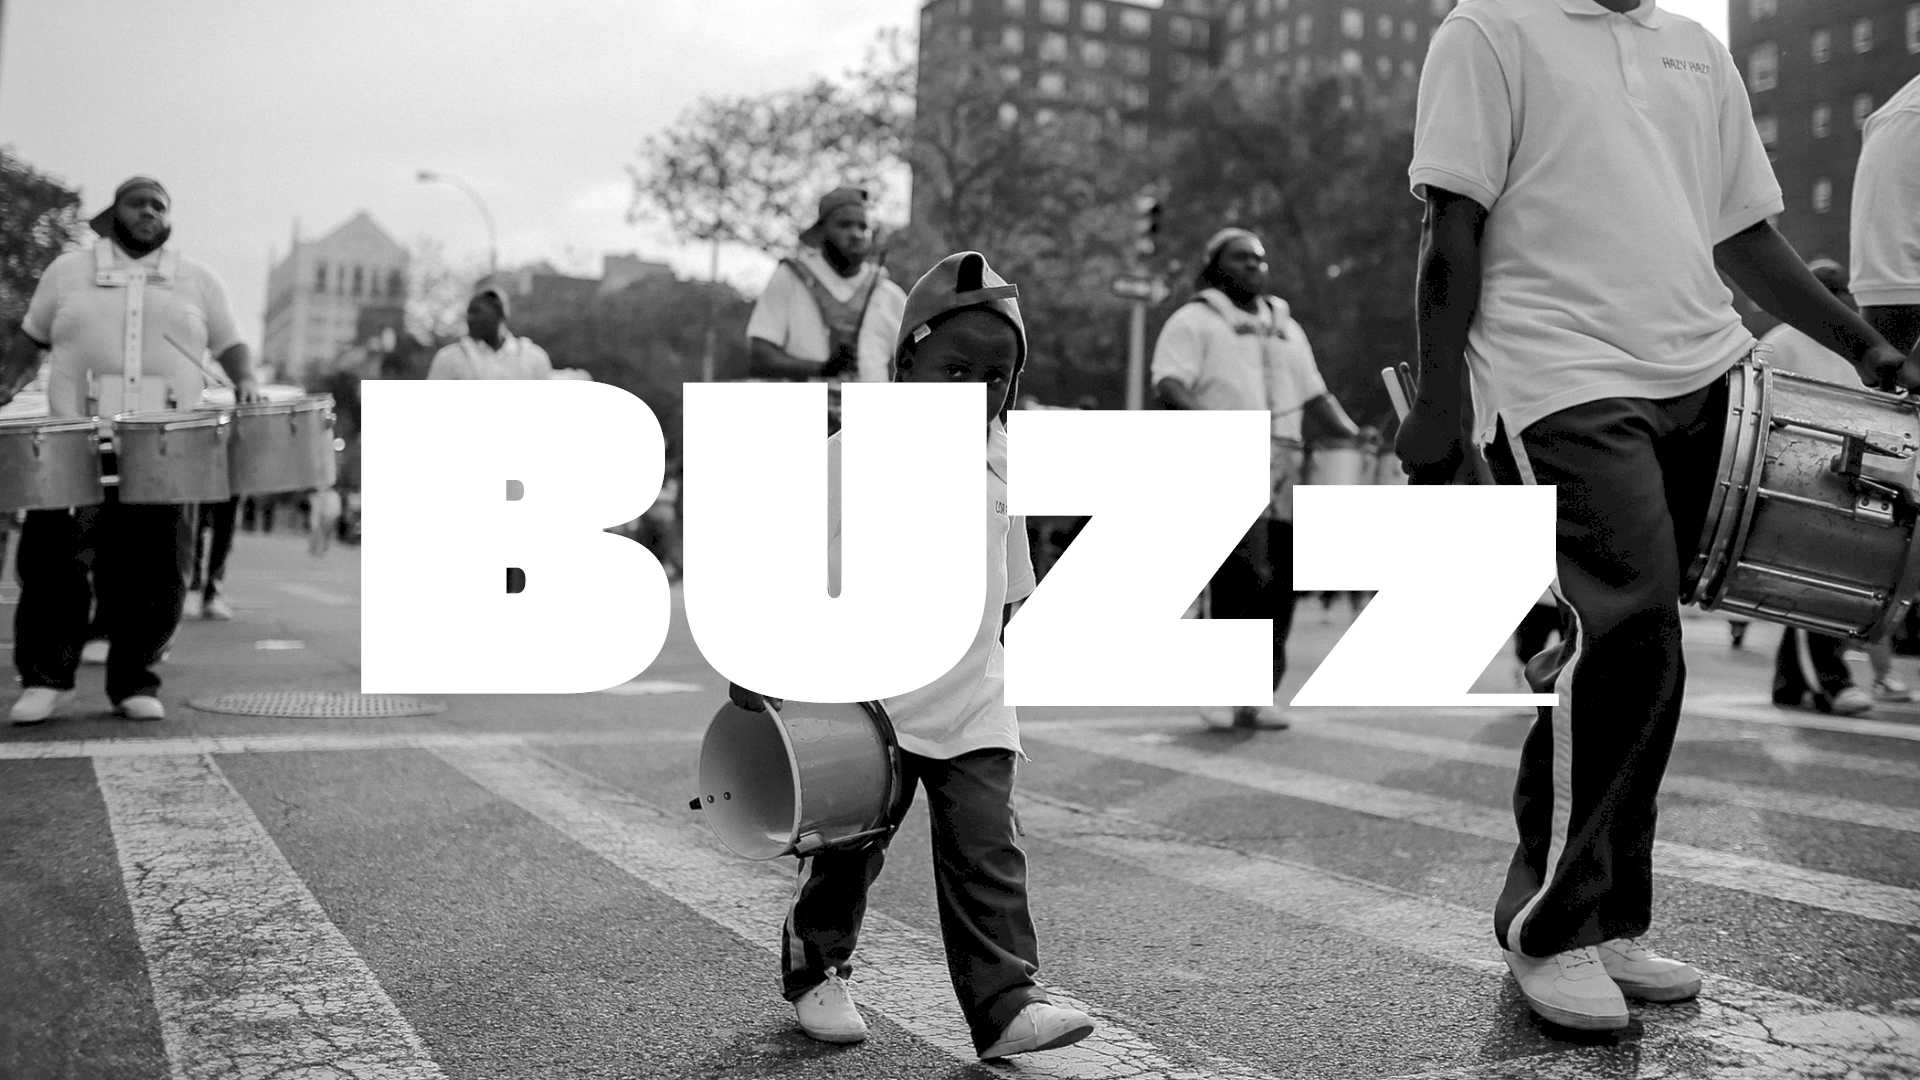 Buzz_008